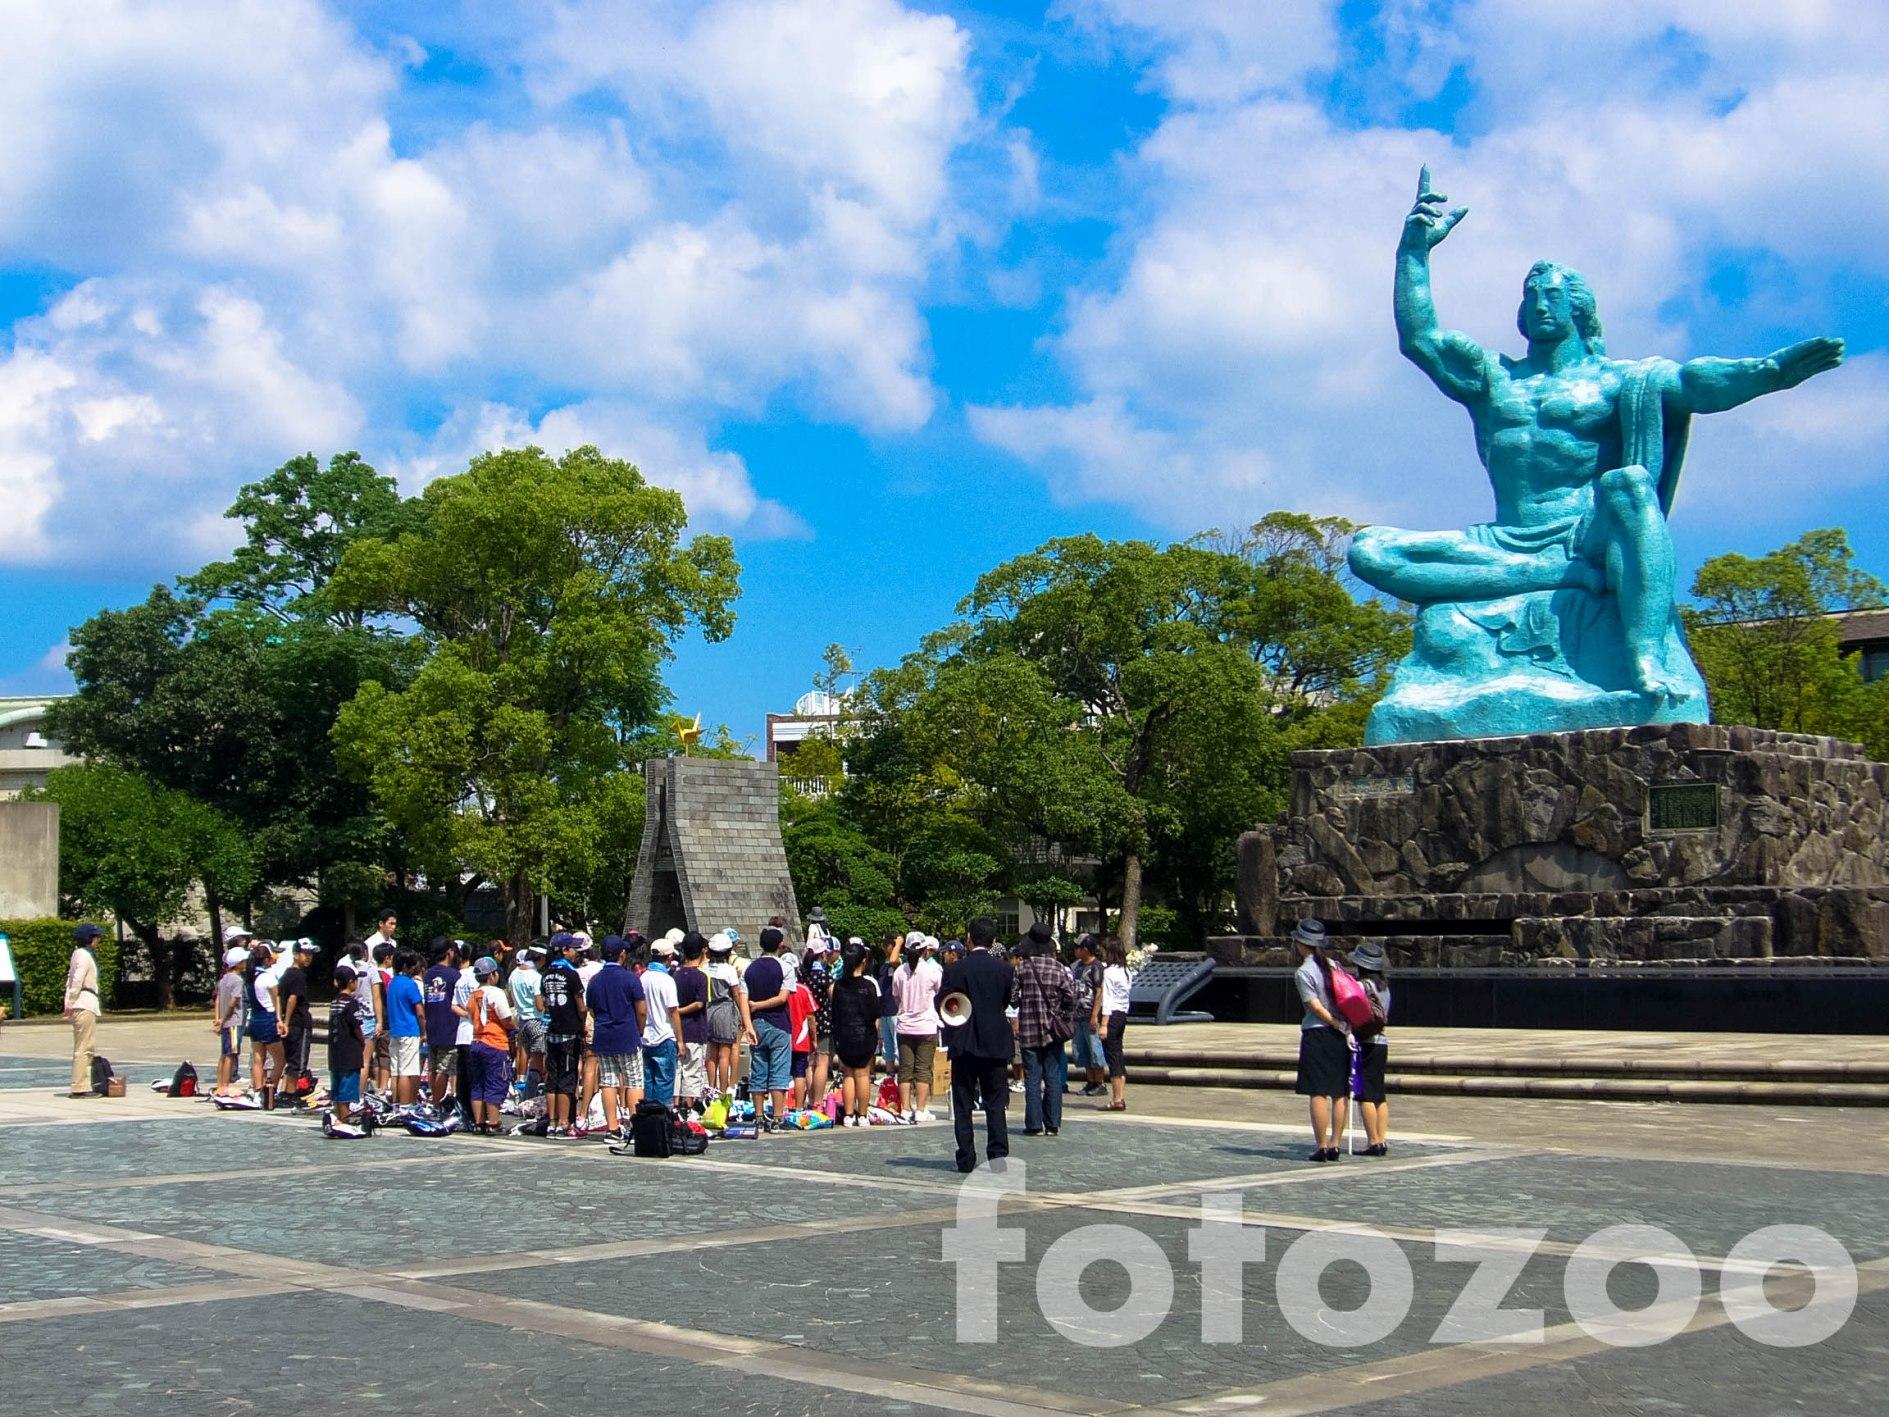 Nagasaki Békepark a Béke Szoborral, melynek égre mutató ujja az atombomba irányába mutat, bal karja pedig az örök békét szimbolizálja.